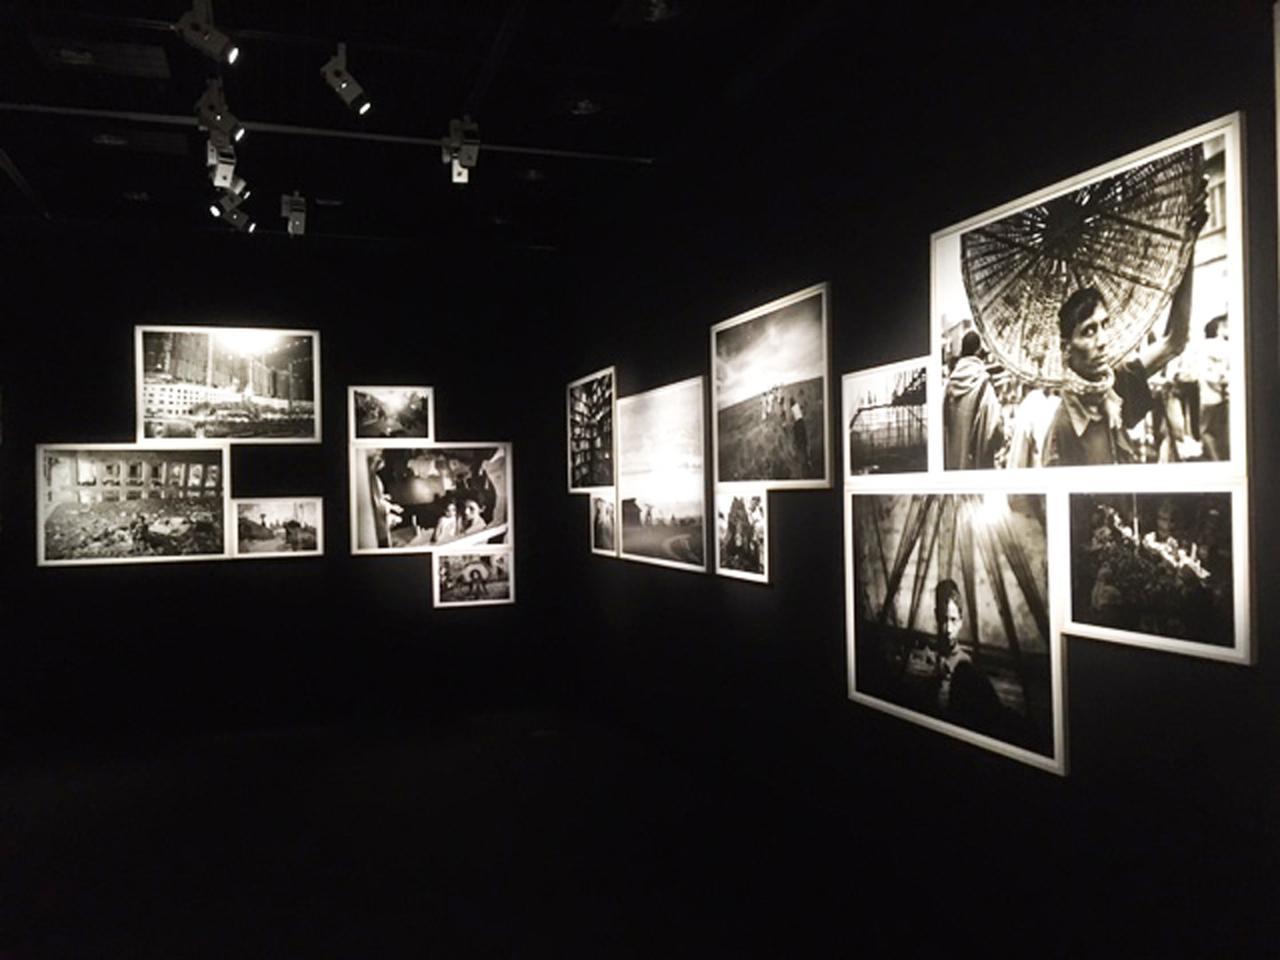 画像2: 渋谷敦志写真展『GO TO THE PEOPLES 人びとのただ中へ』。1999年から2019年にわたって渋谷氏が撮りためた作品群85点が展示されています。